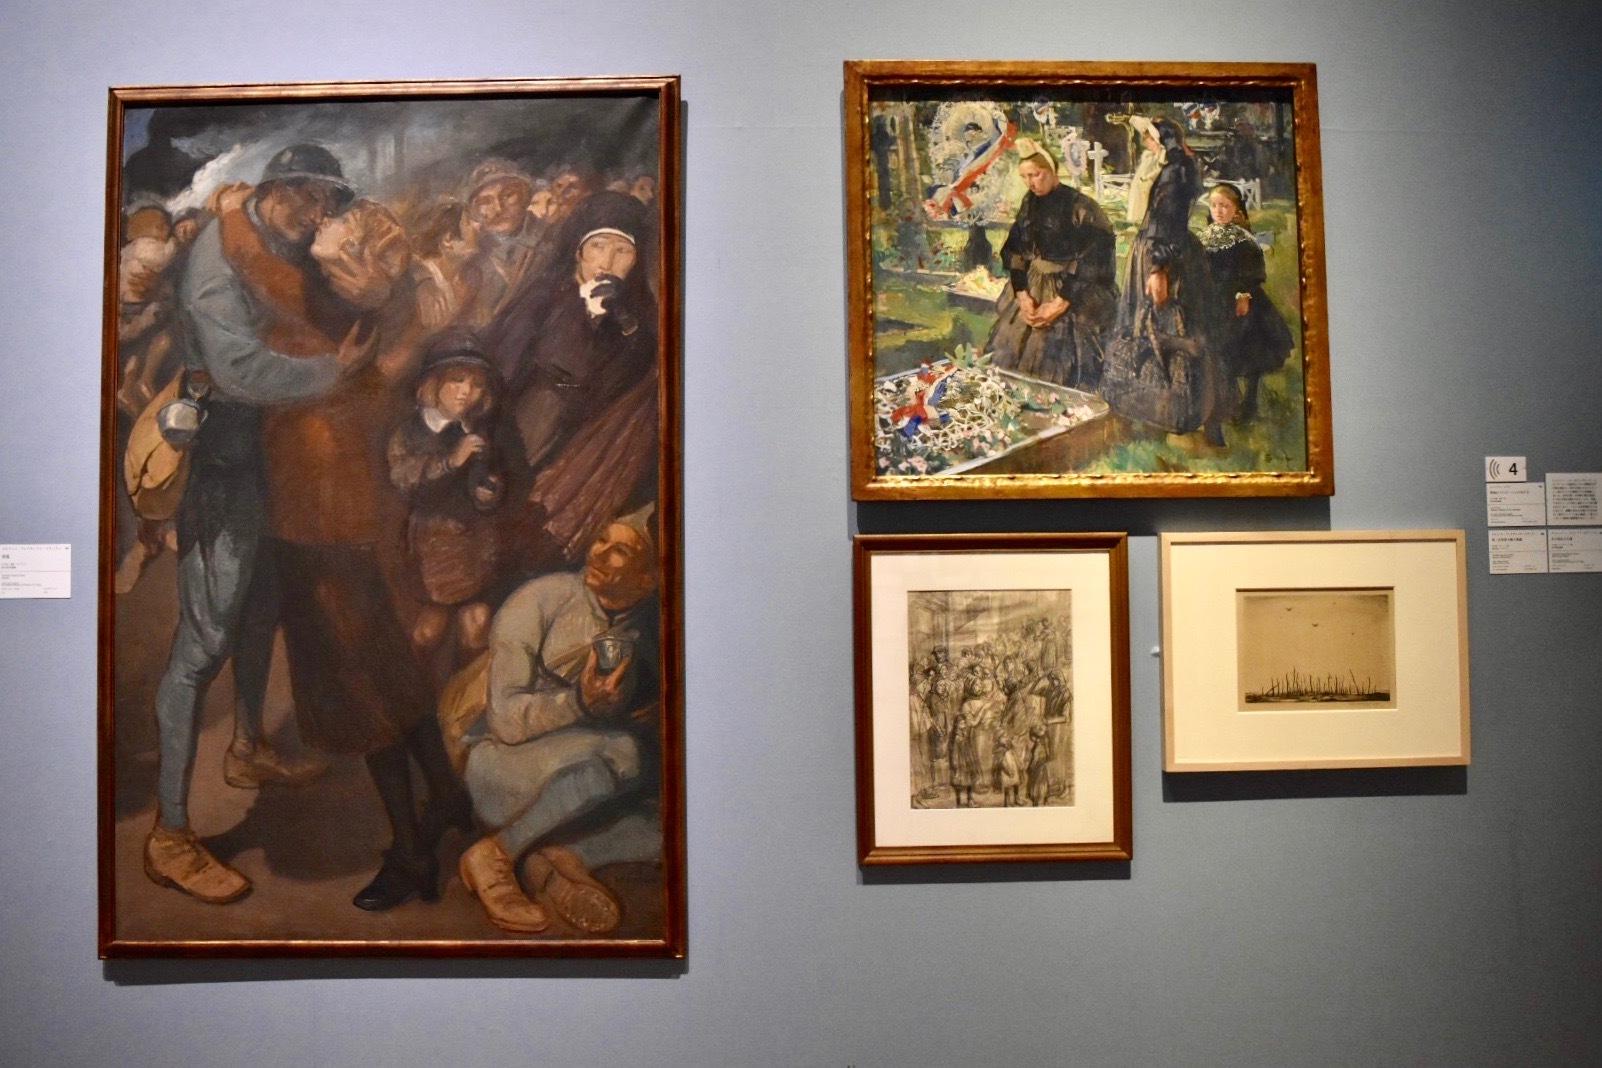 左:テオフィル・アレクサンドル・スタンラン 《帰還》 1918年 国立西洋美術館蔵、右上:リュシアン・シモン 《墓地のブルターニュの女たち》 1918年頃 国立西洋美術館蔵 右下(左):テオフィル・アレクサンドル・スタンラン 《第一次世界大戦の素描》 1915年 株式会社ジールハウス蔵、右下(右):クリストファー・リチャード・ネヴィンソン 《あの呪われた森》 1918年 国立西洋美術館蔵